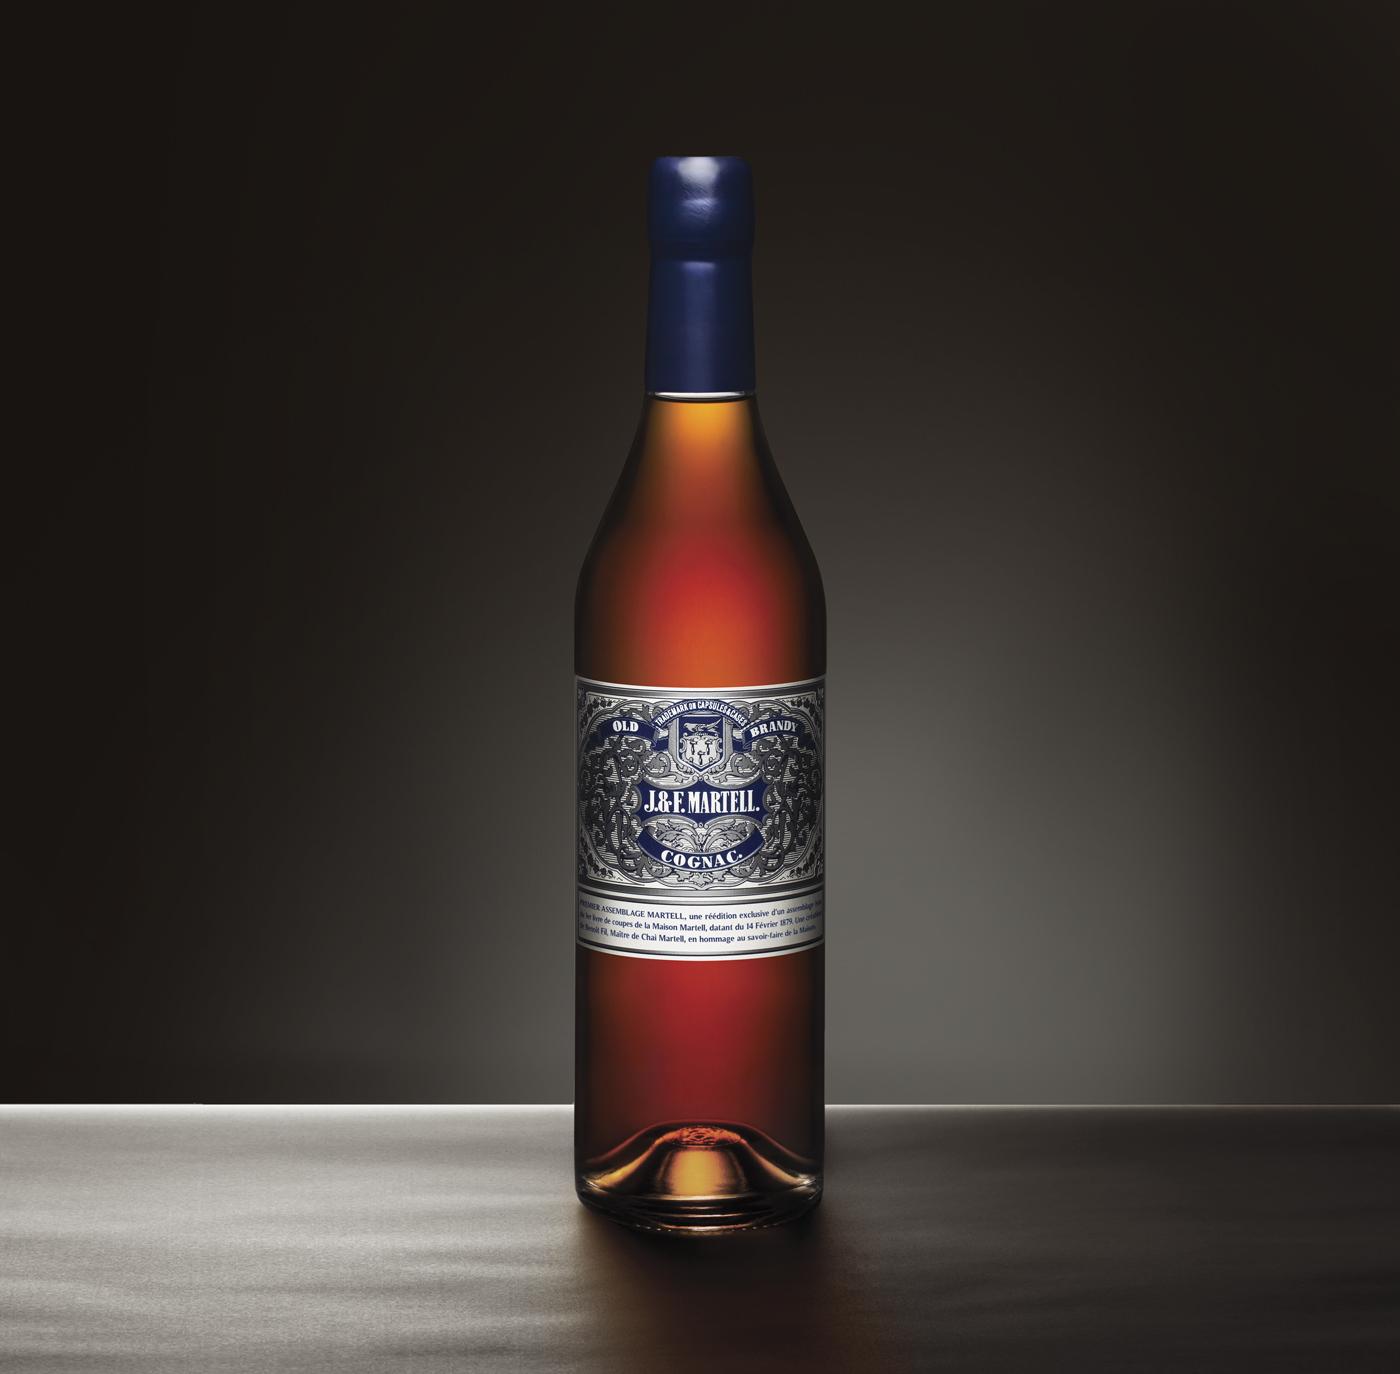 Martell Old Brandy - Un design pensé par l'agence de design de Paris Partisan du Sens.